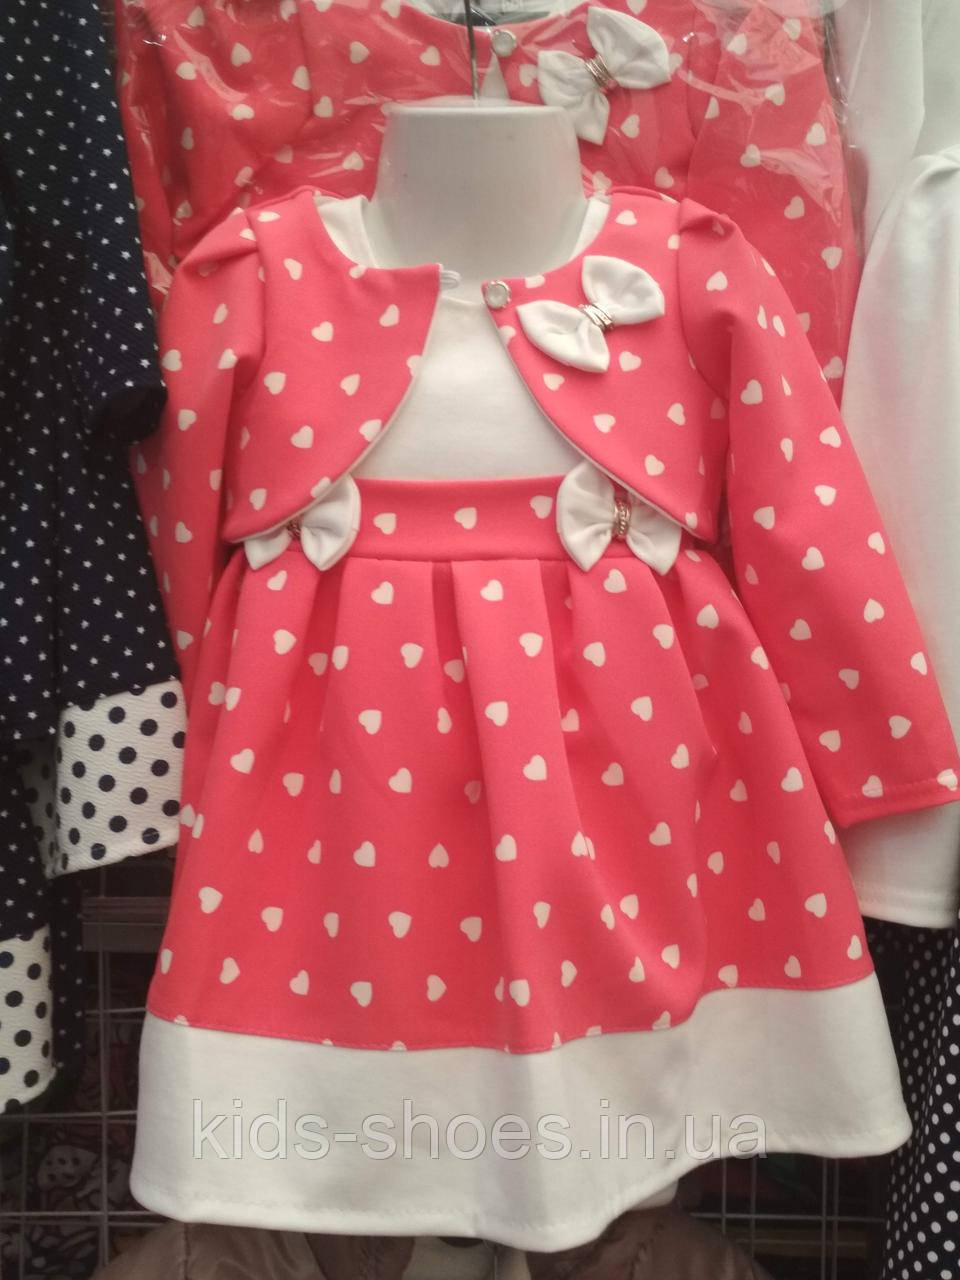 Дитячий нарядний комплект Олена сукню з болеро 2-5 років